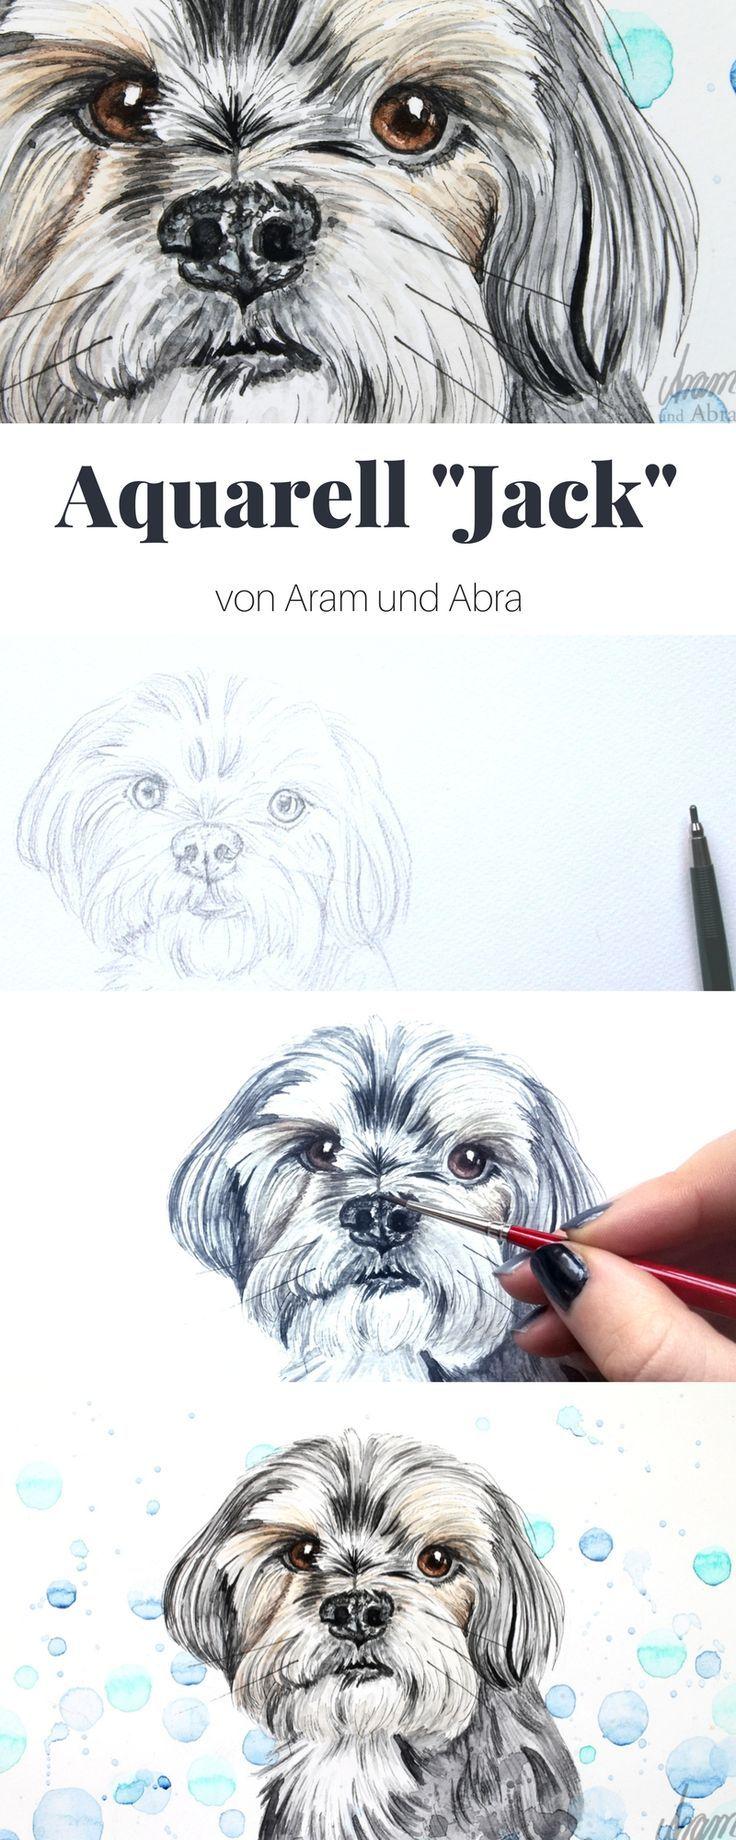 Hund Malen Lassen Auftragsarbeiten Bei Aram Und Abra Zeichnen